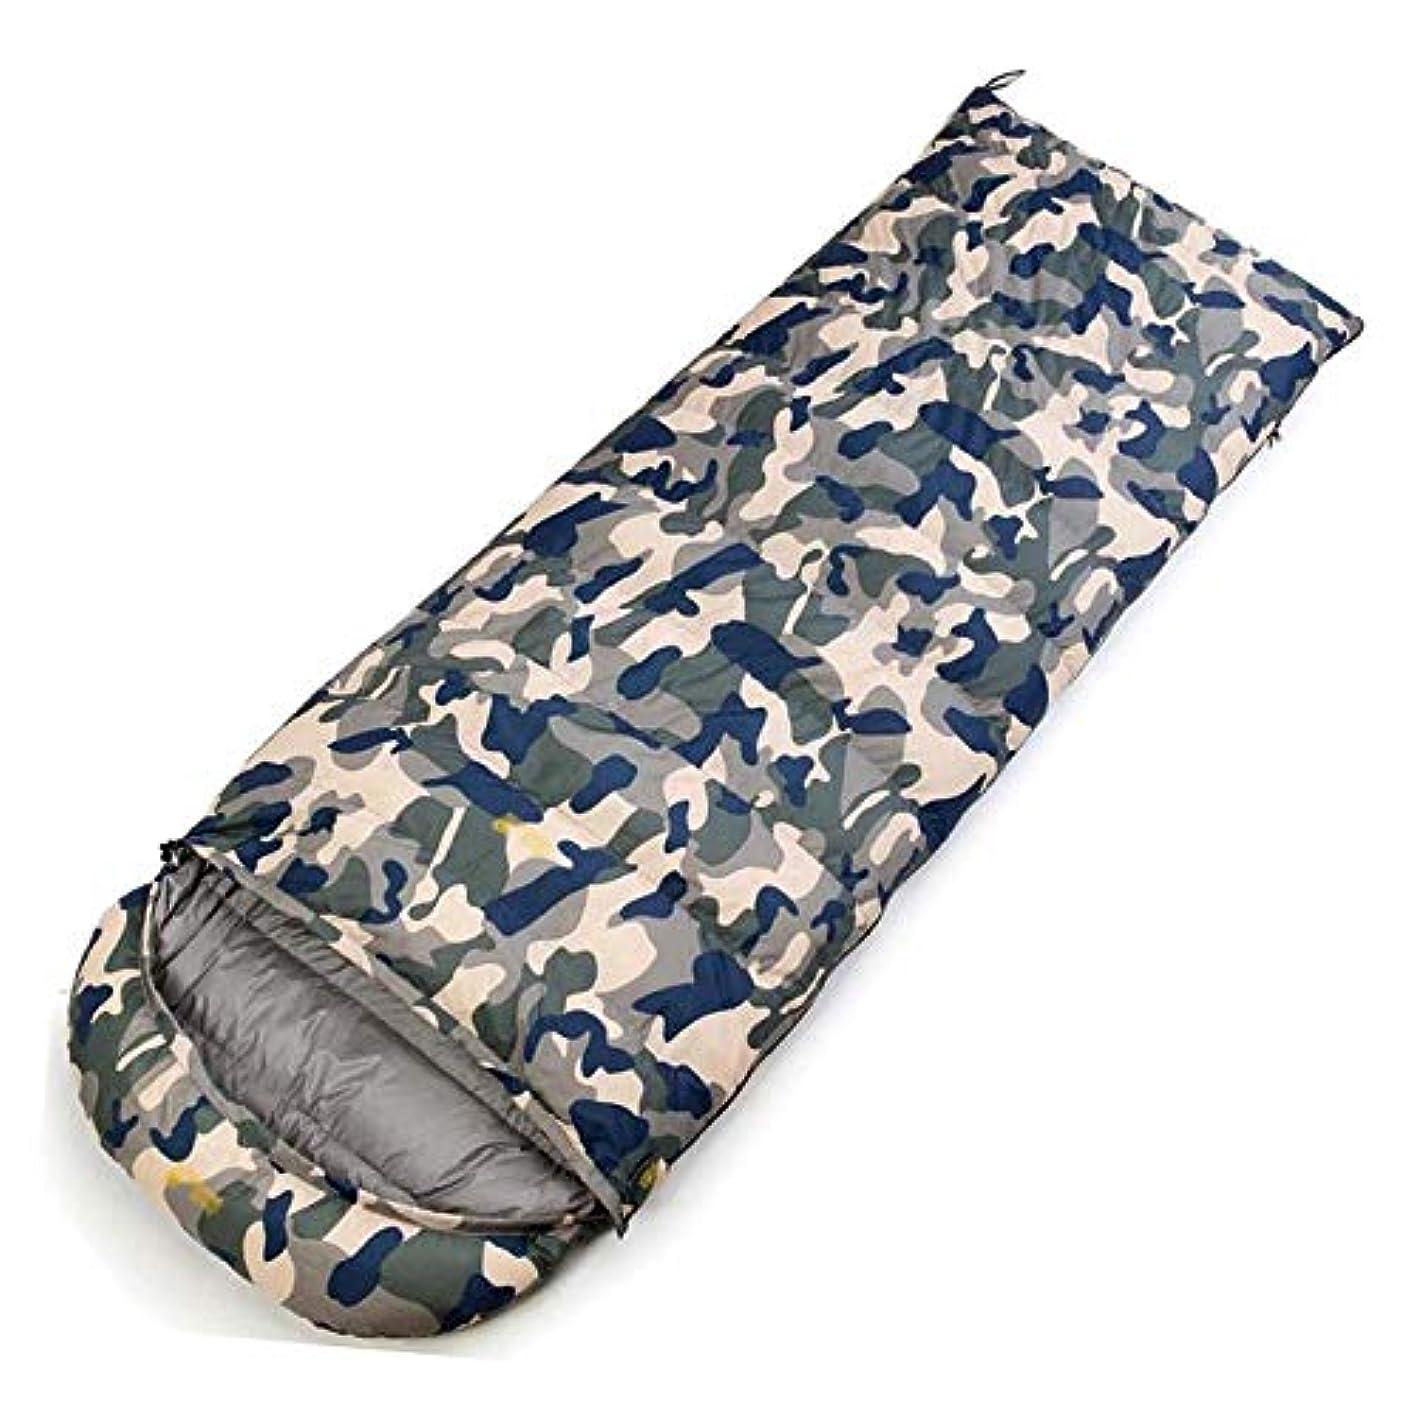 帰する空白どうやら綿のキャンプ寝袋15?5度の封筒スタイルの軍隊または軍隊または迷彩寝袋